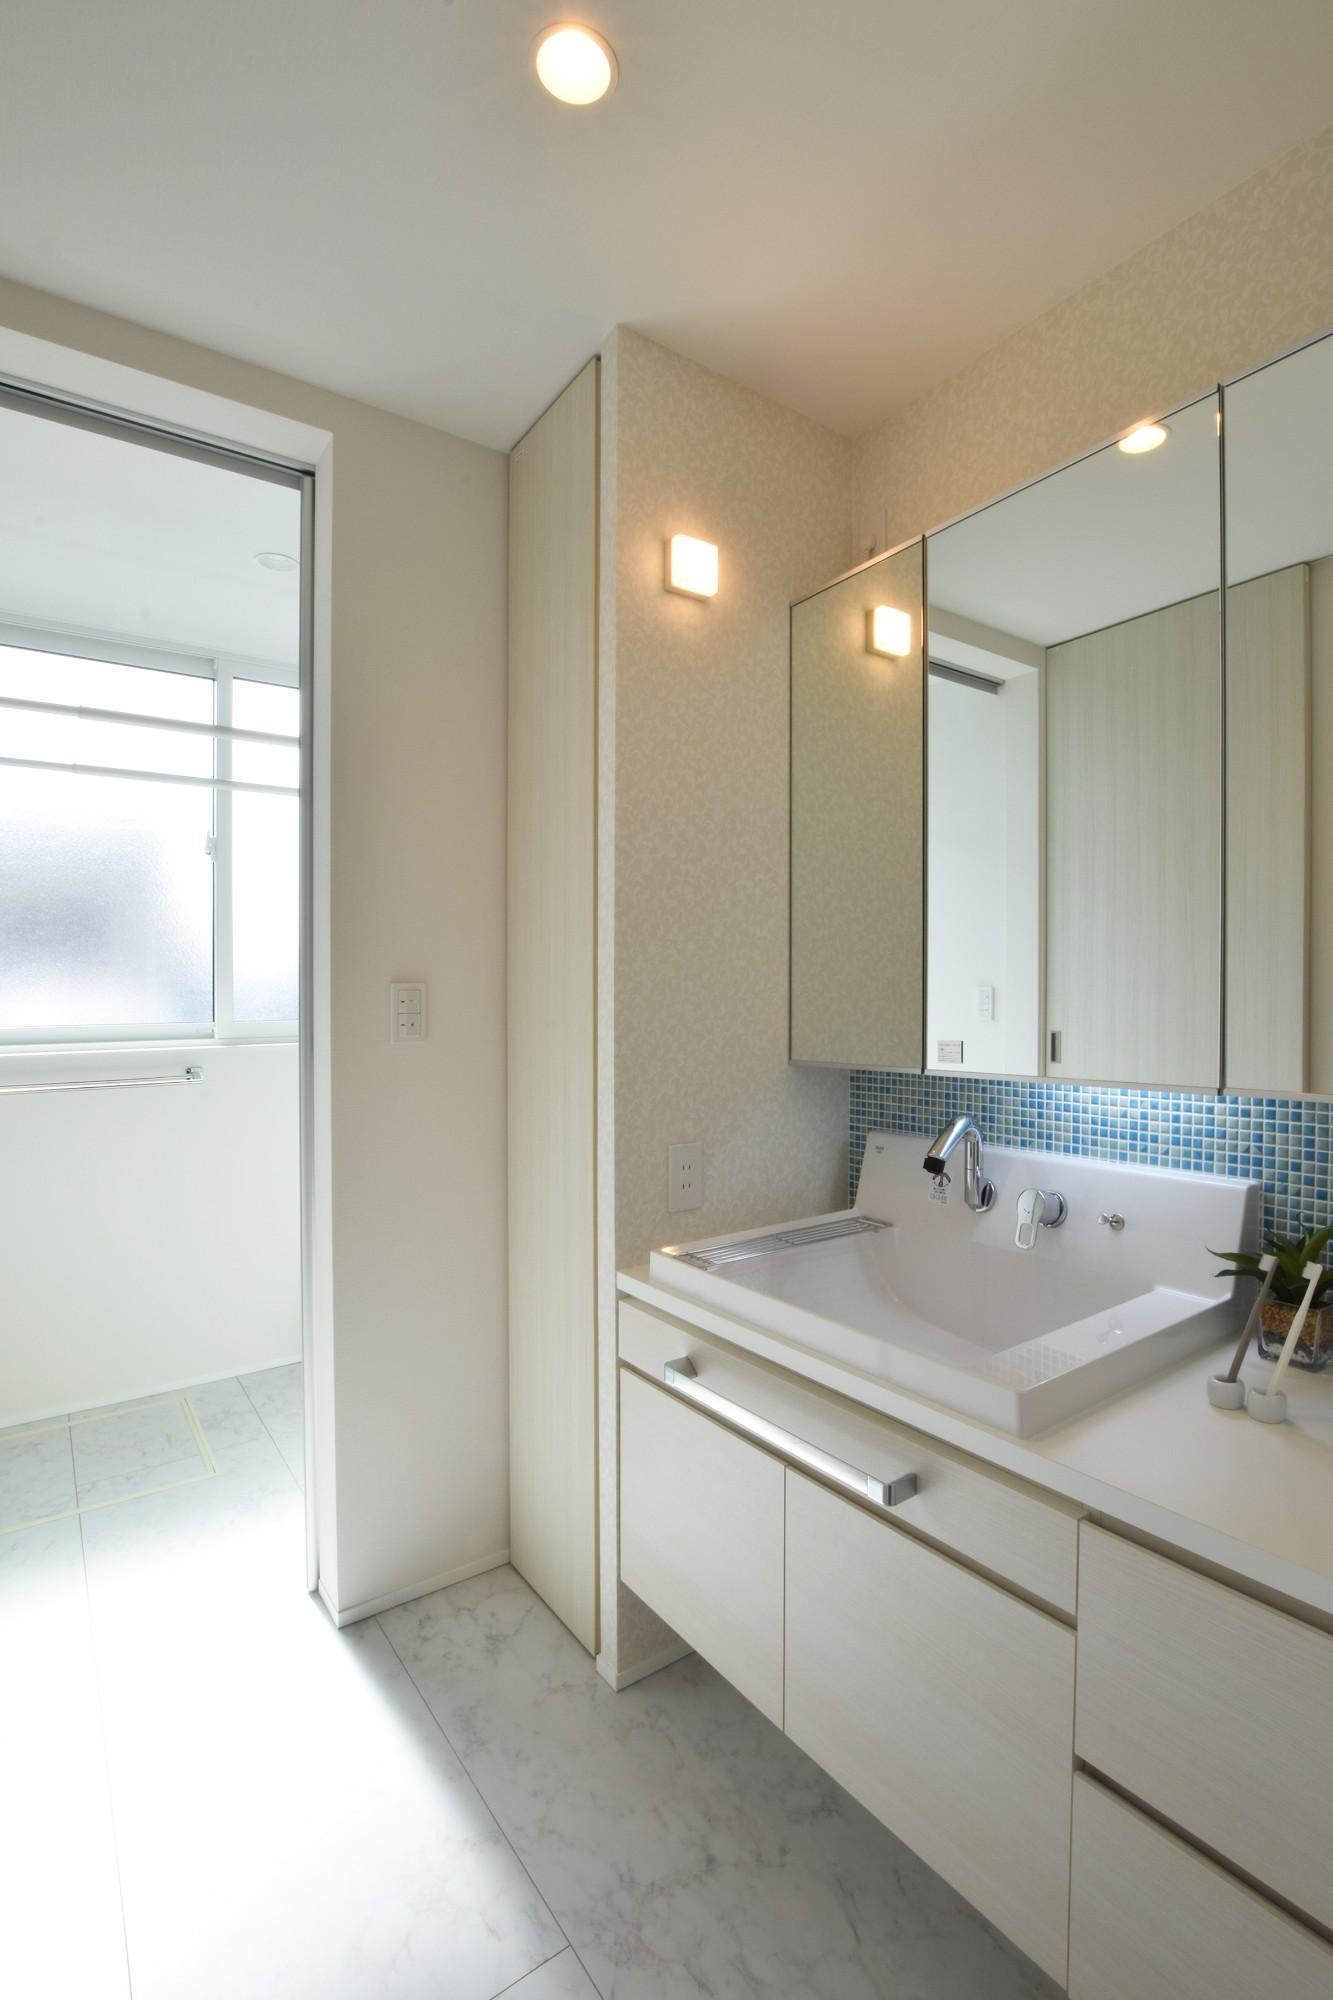 DETAIL HOME(ディテールホーム)「ナチュラルに、カジュアルに、カジラクに」のシンプル・ナチュラルな洗面所・脱衣所の実例写真